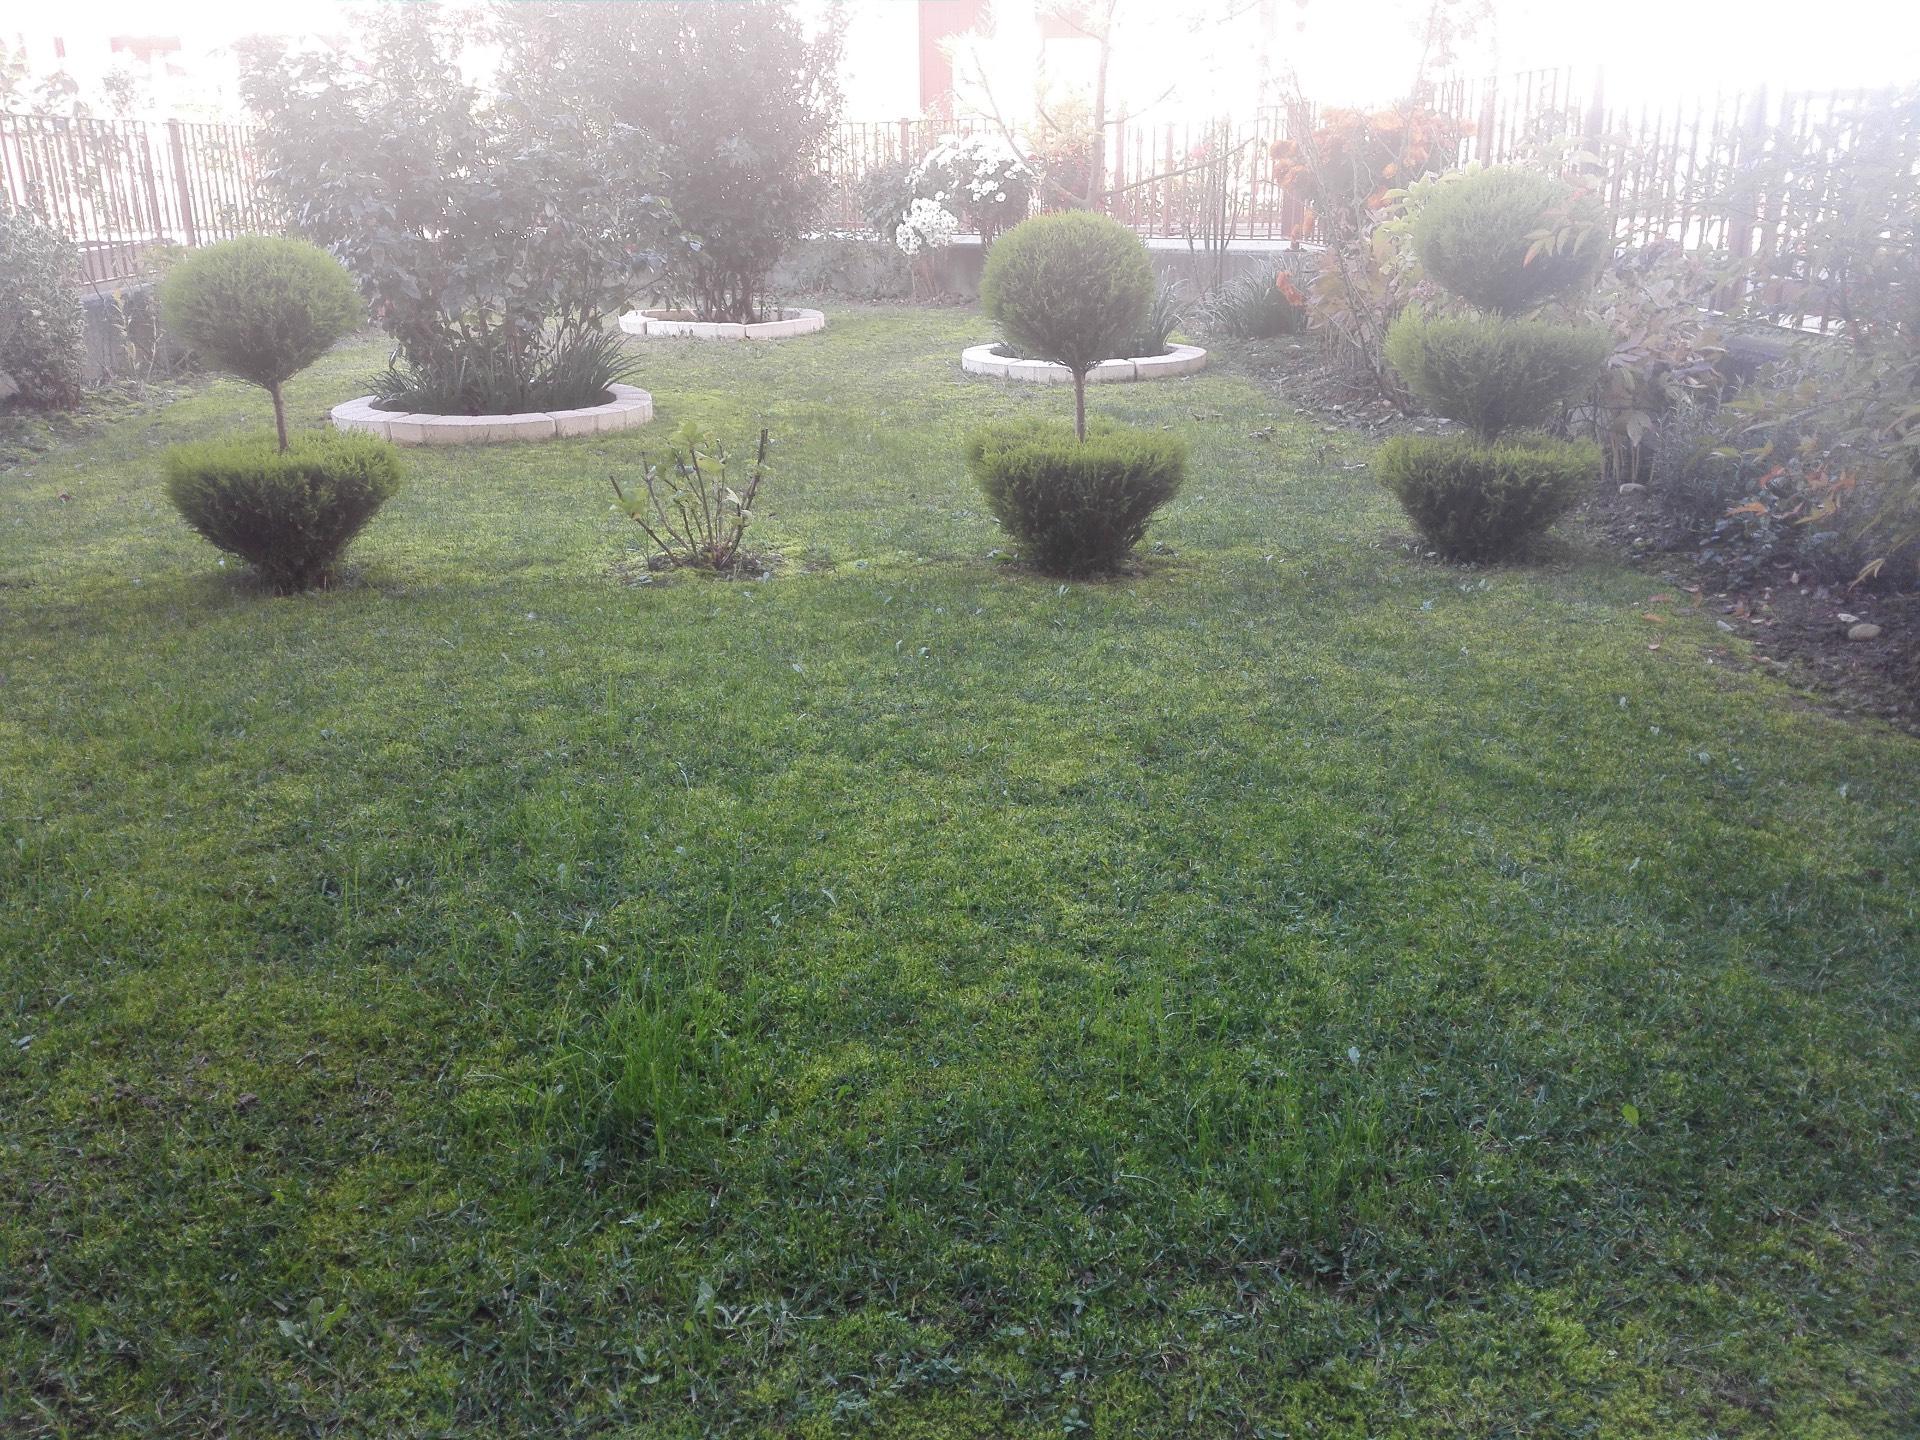 Appartamento in vendita a Mareno di Piave, 5 locali, zona Località: BoccadiStrada, prezzo € 160.000 | Cambio Casa.it